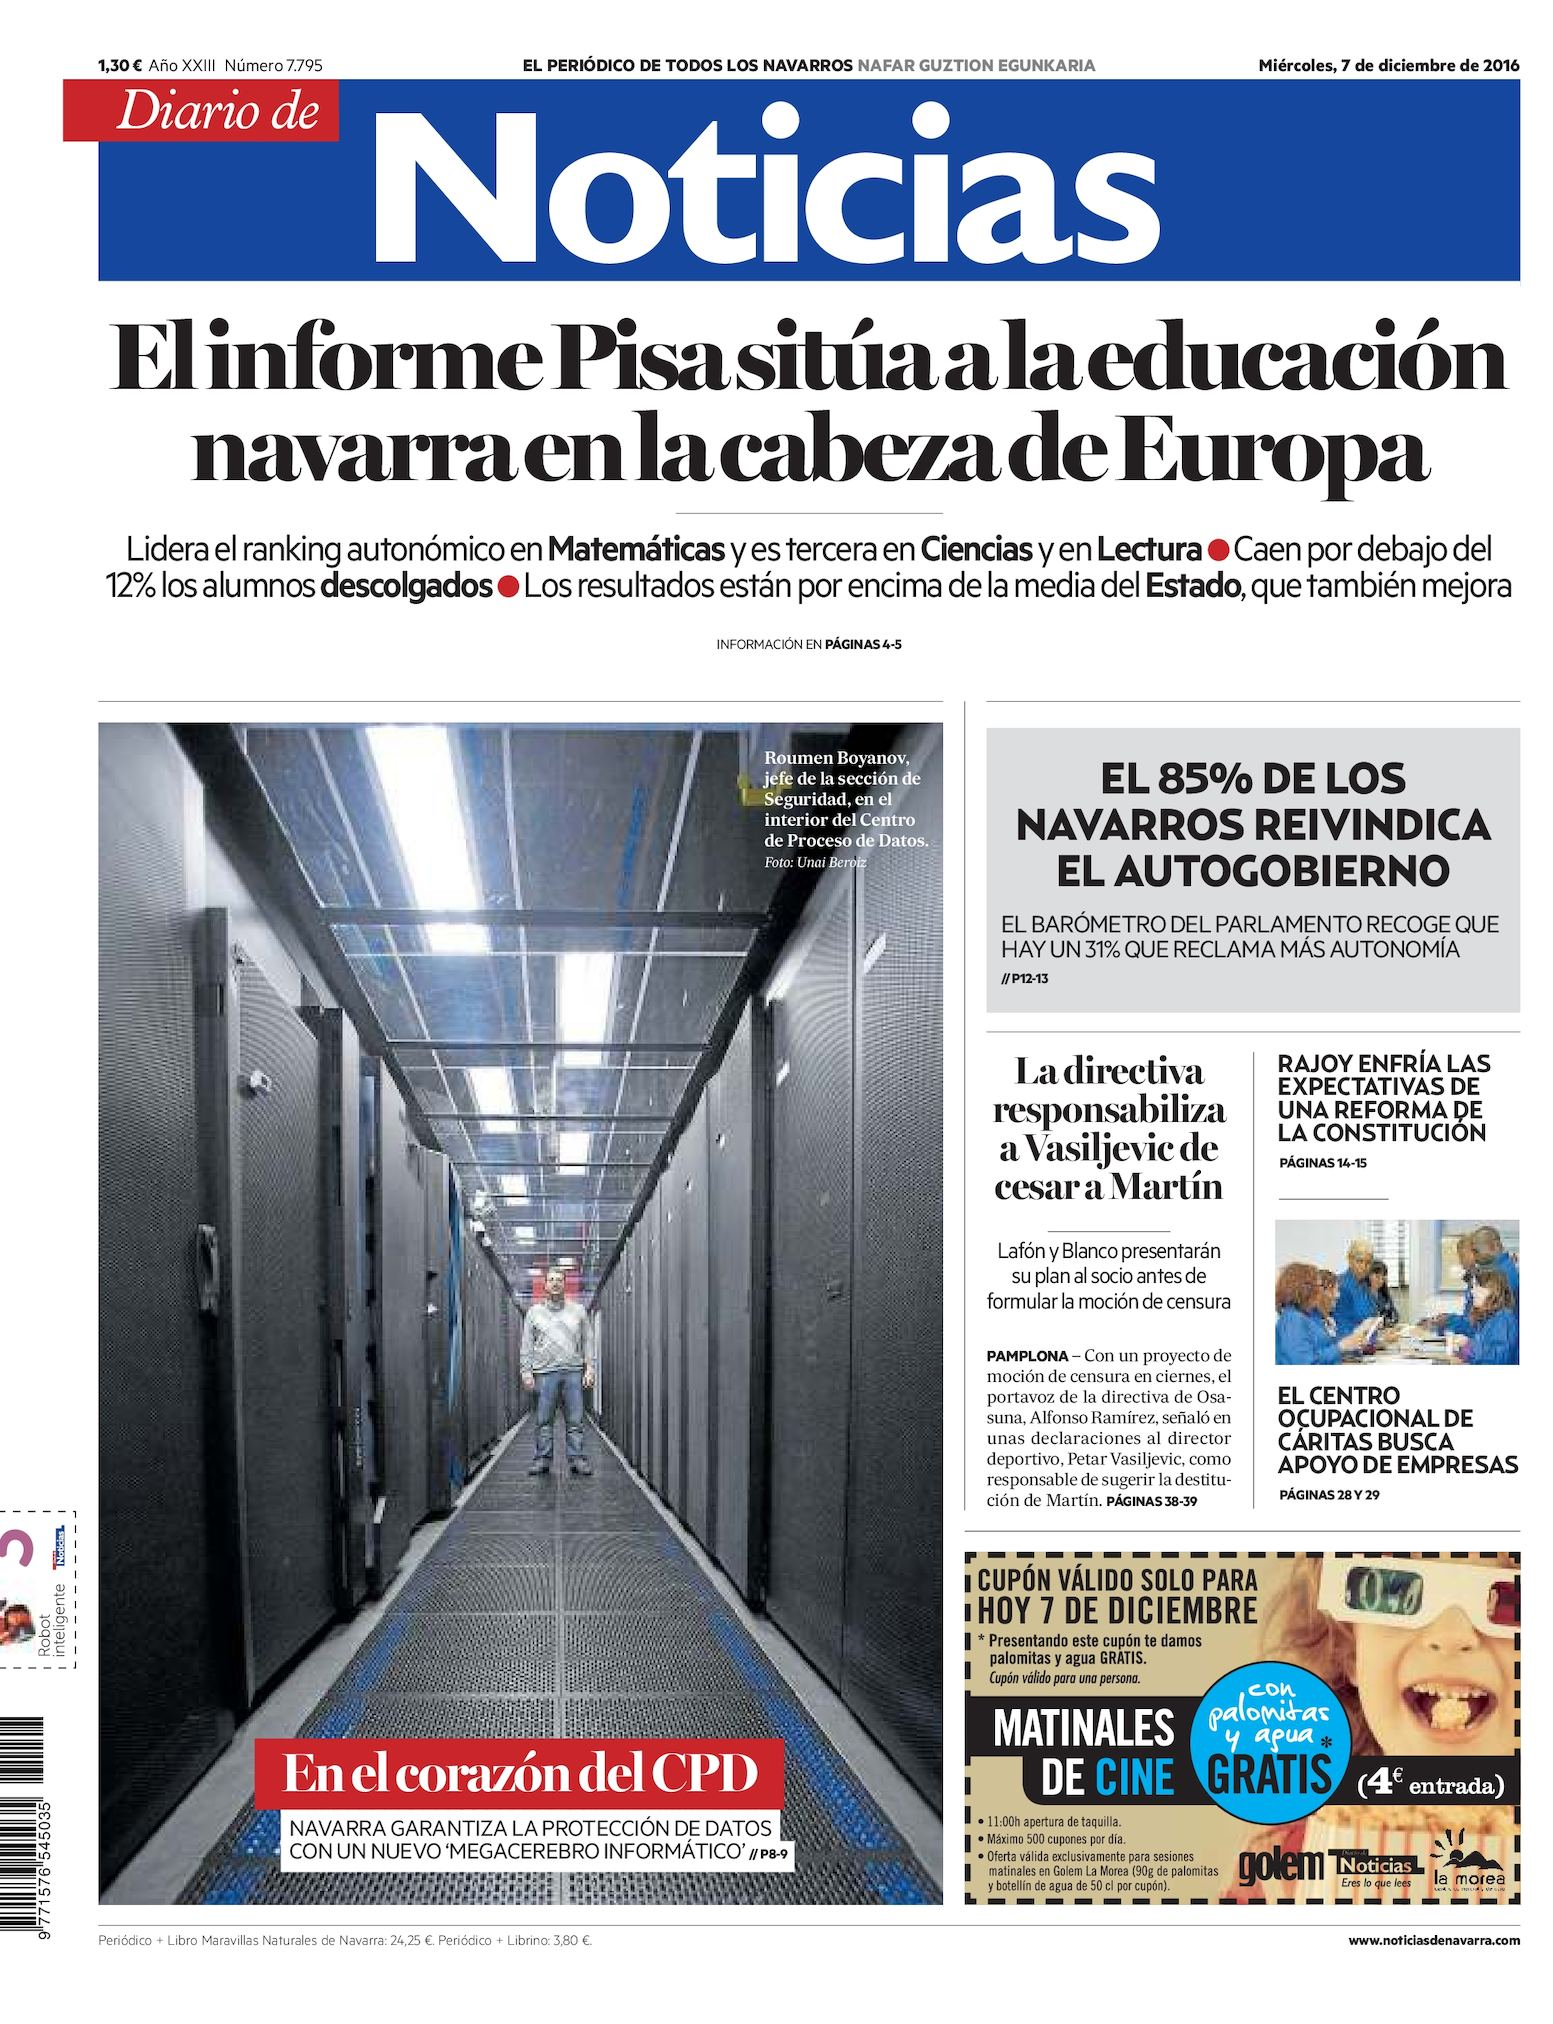 02edb7503e Calaméo - Diario de Noticias 20161207